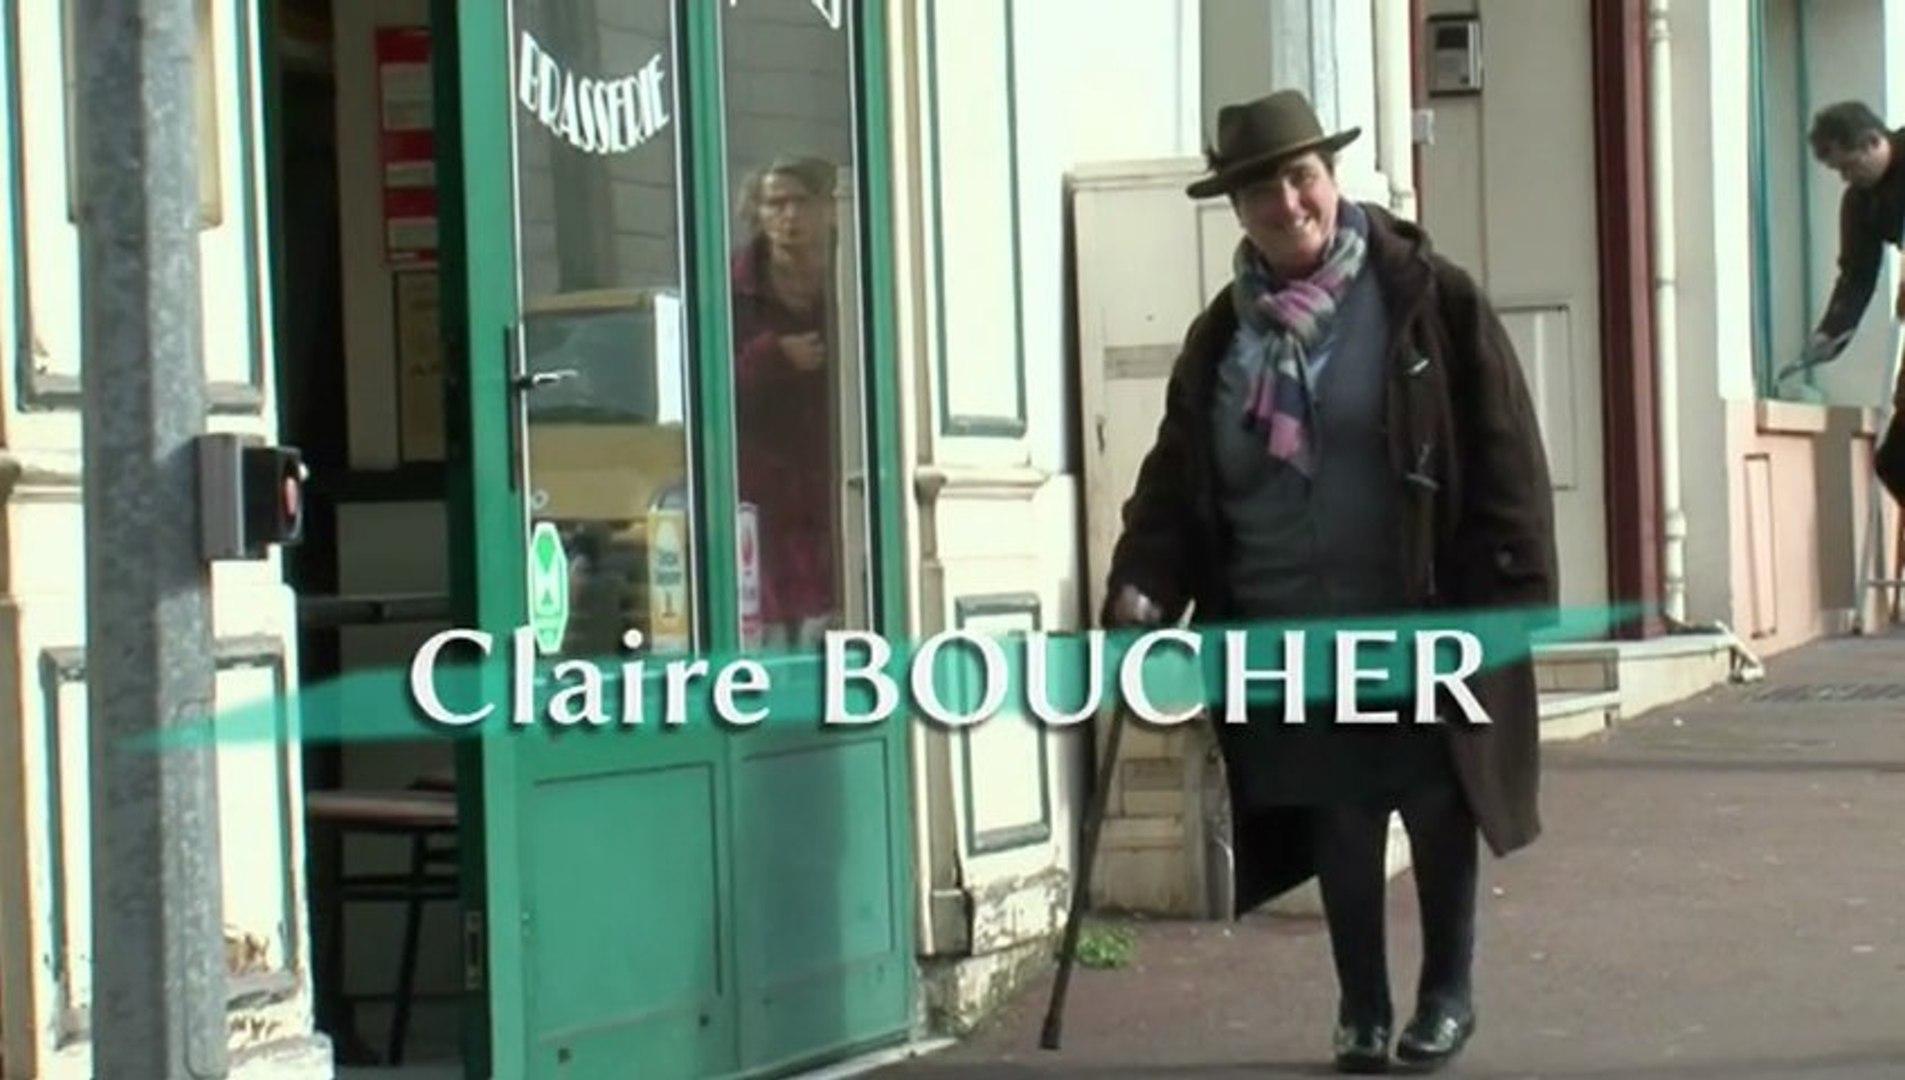 Claire Boucher version complète